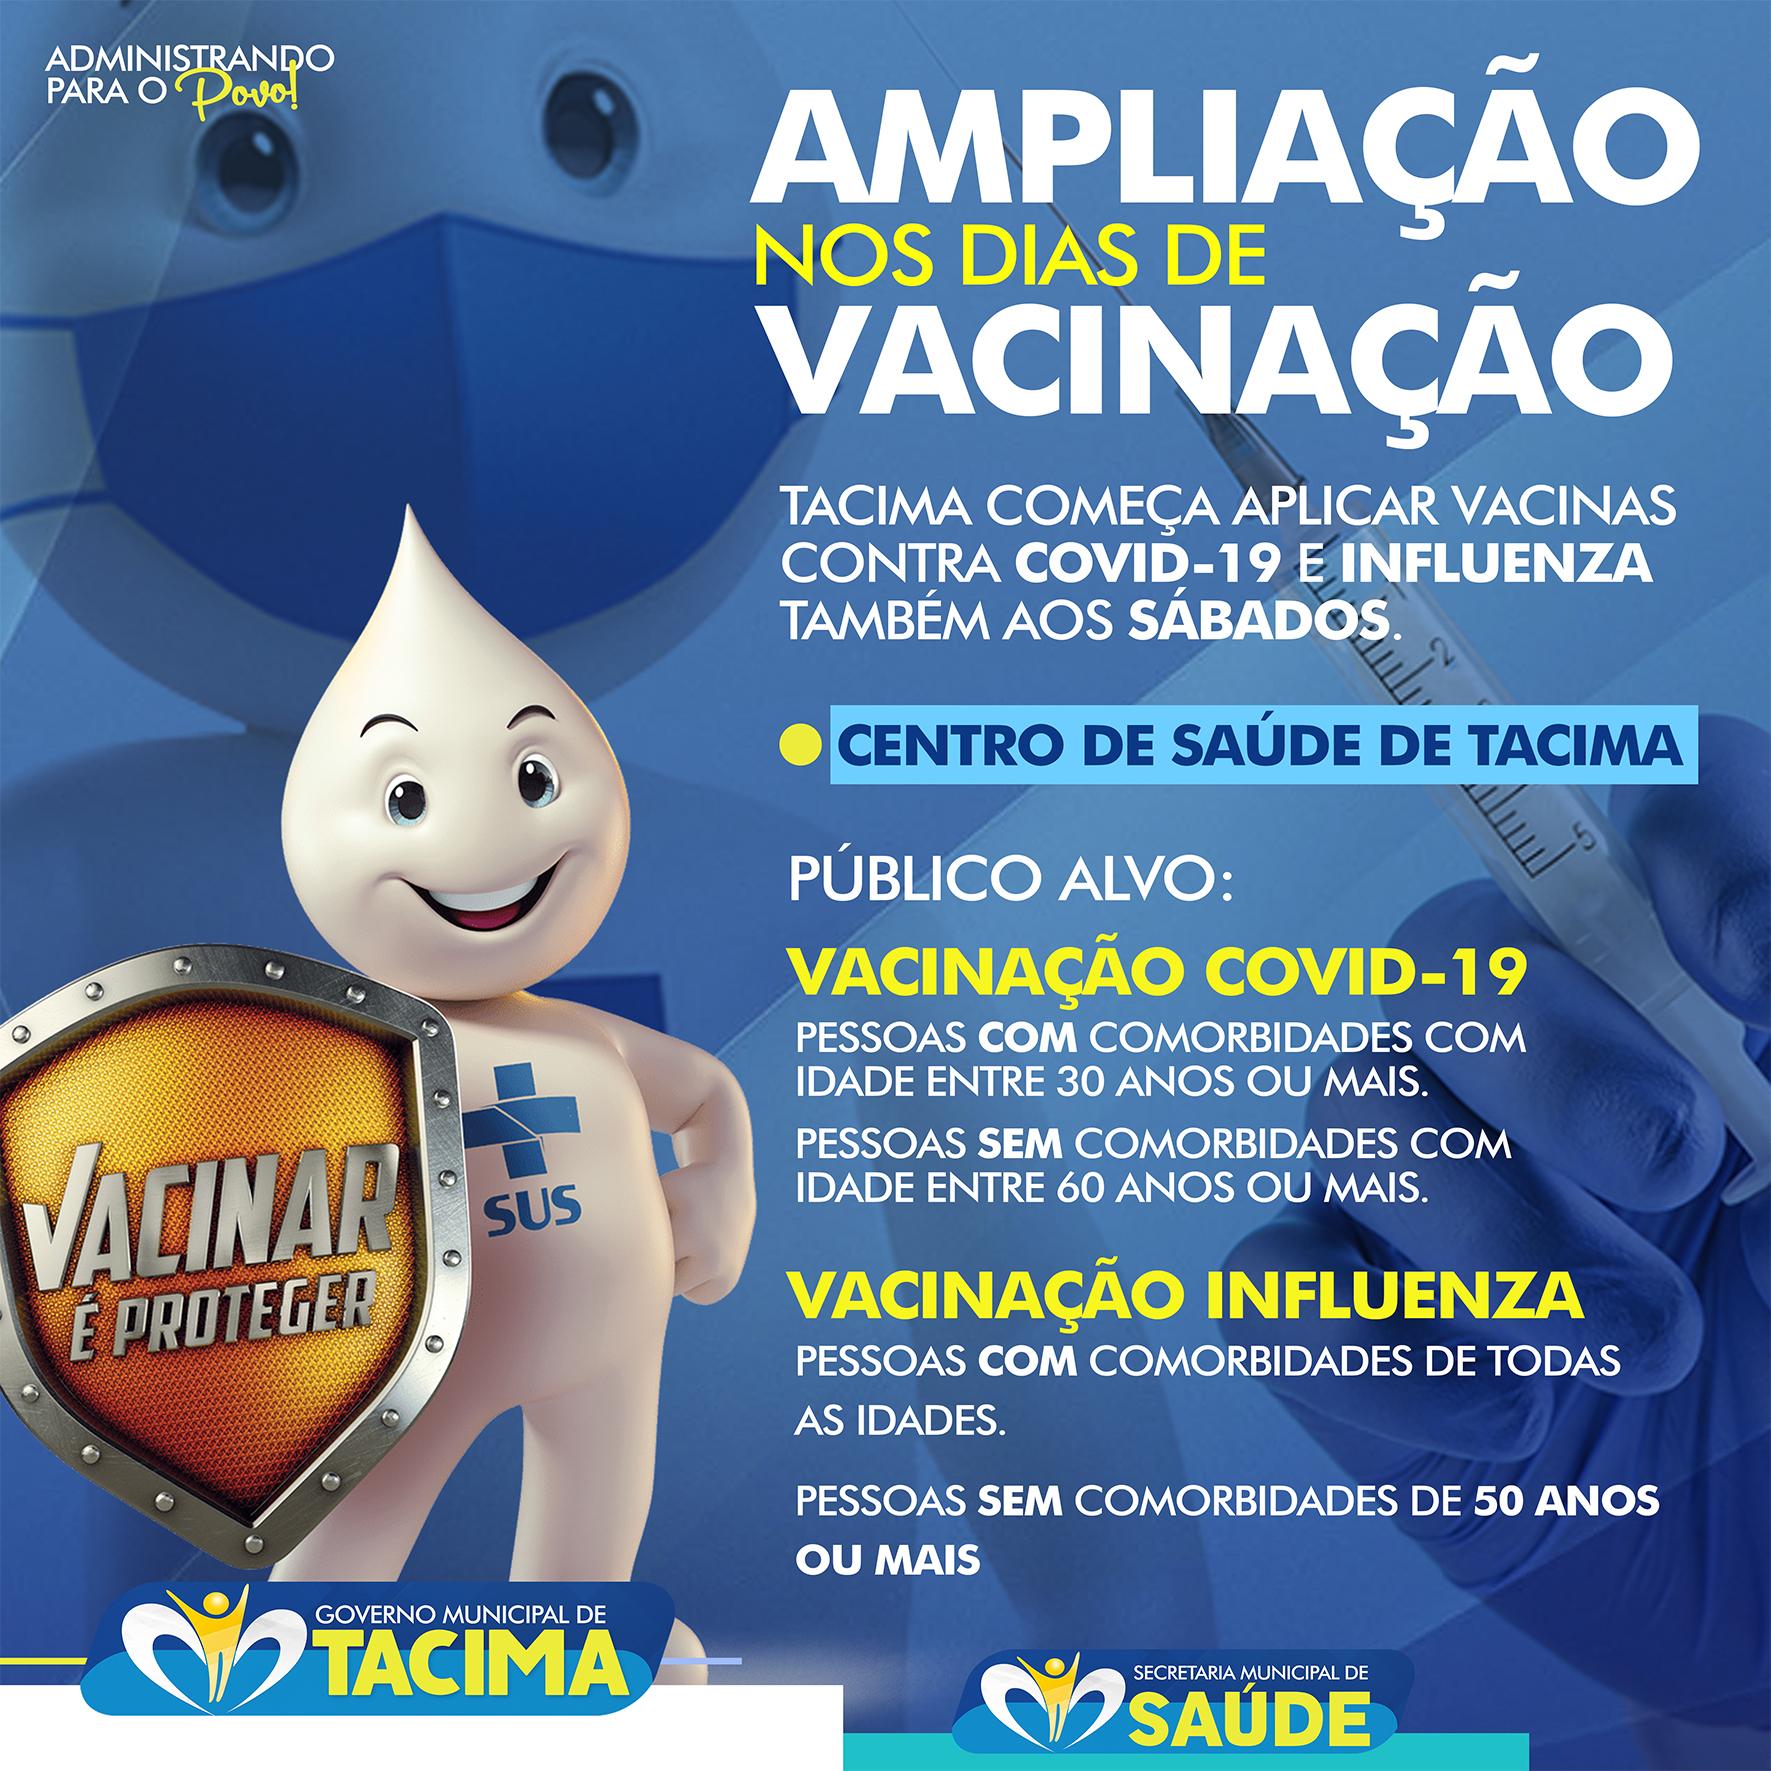 Prefeitura de Tacima amplia os dias de vacinação contra a Covid-19 e gripe influenza passando a vacinar também aos sábados.  Procure o nosso Centro de Saúde e vacine-se!